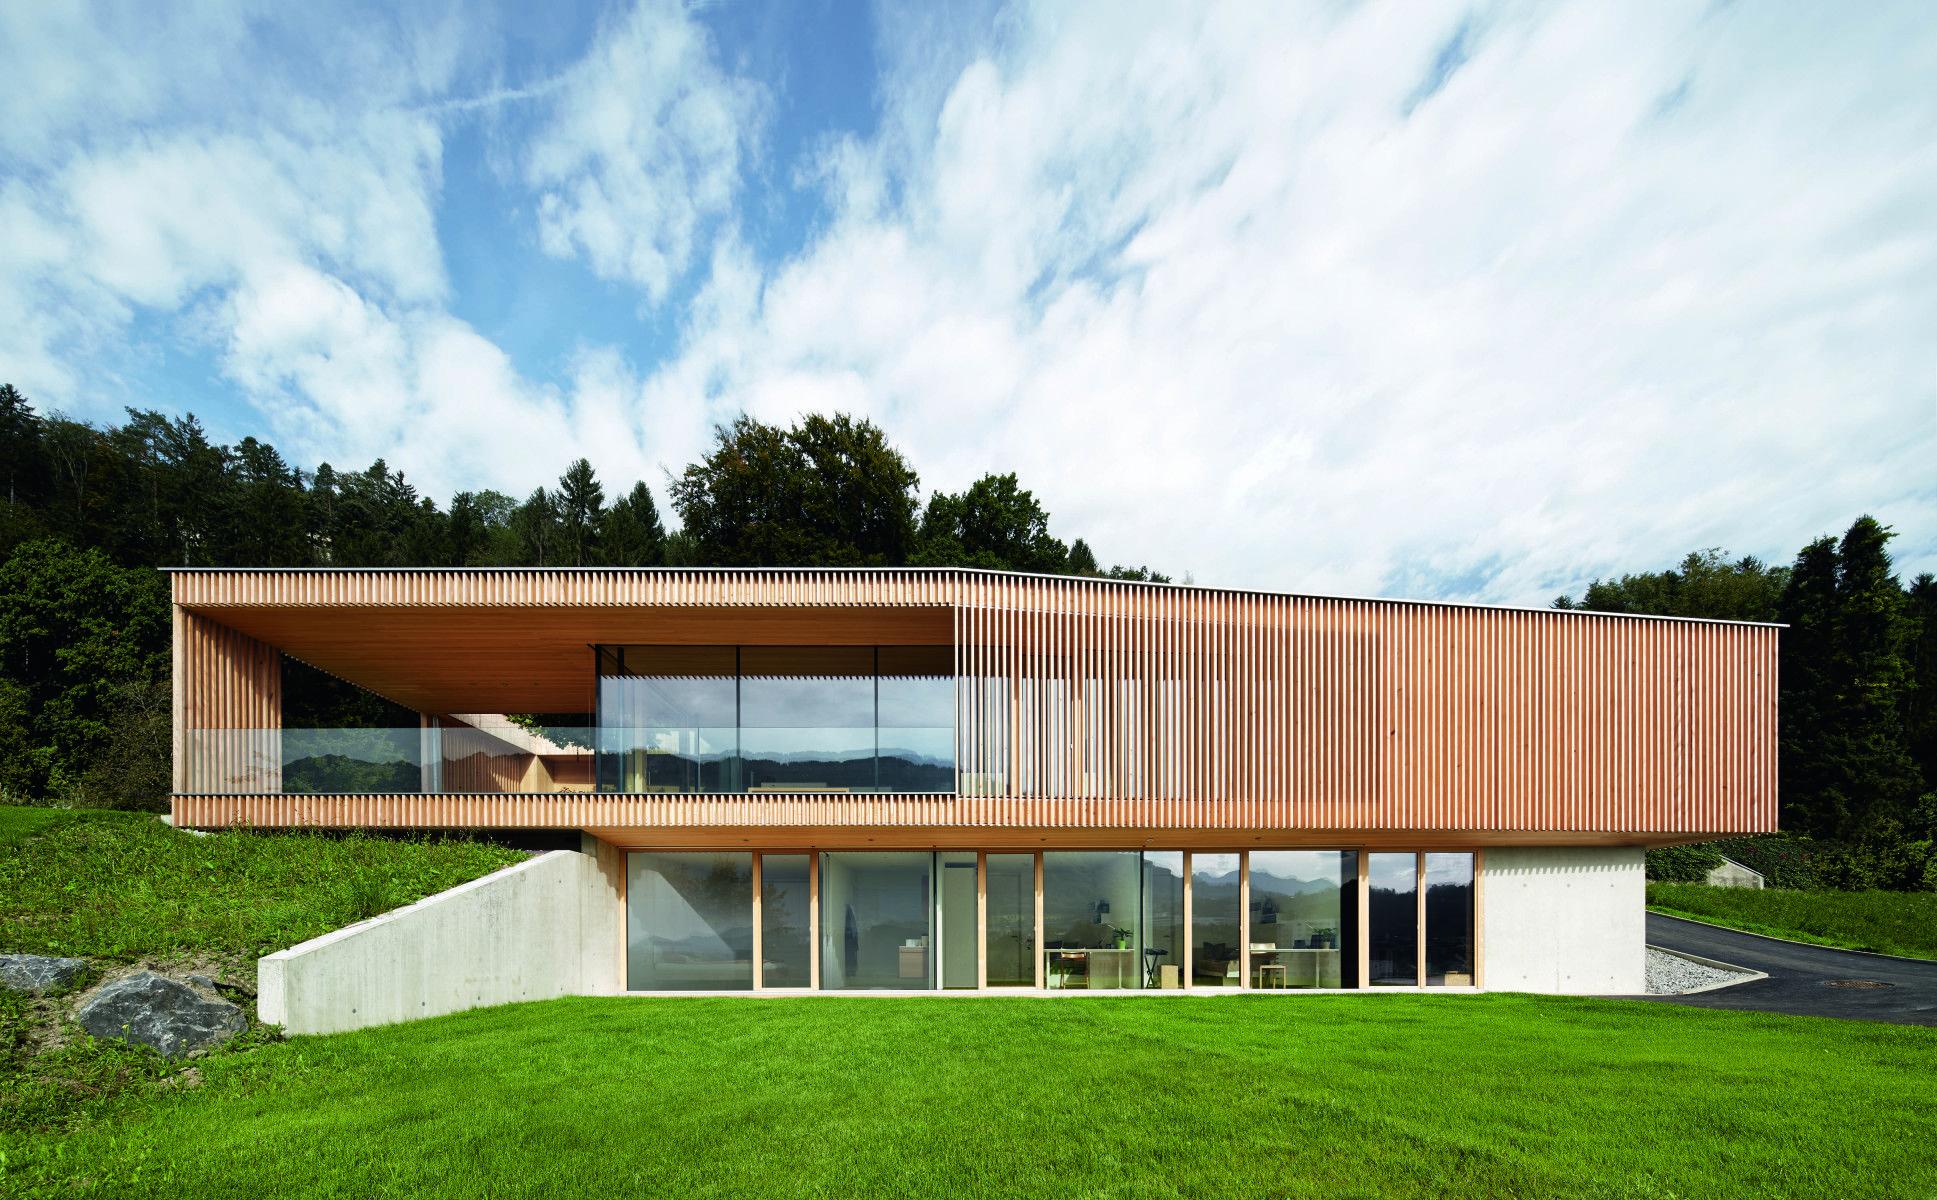 moderne architektur zweigeschössig holz beton | (+f)rrer ... - Moderne Haus Architektur